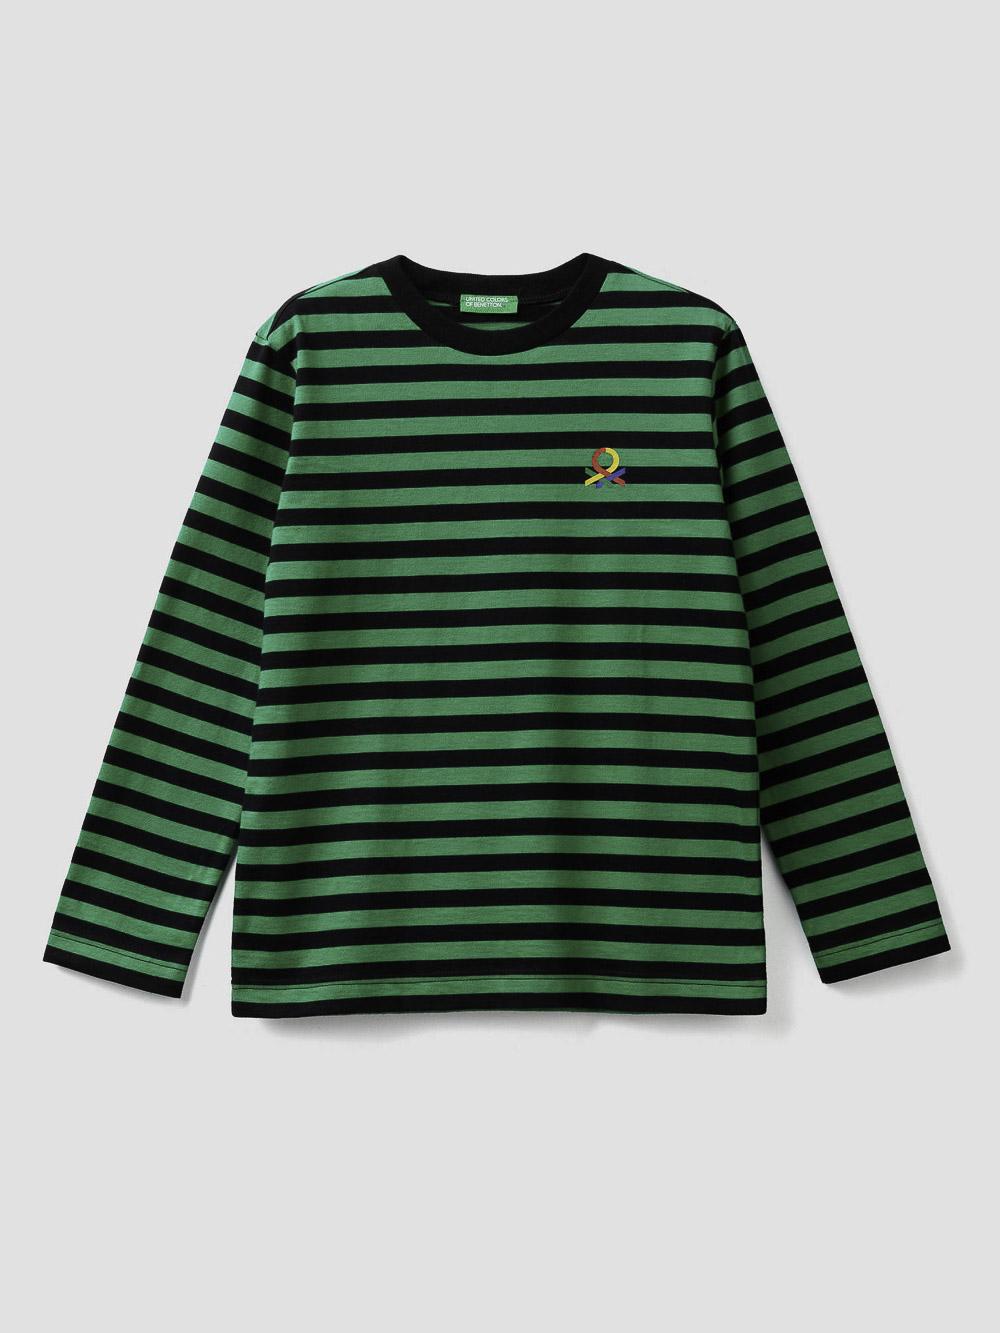 012 BENETTON T-shirt ριγέ 3AVEC14QM 20A903